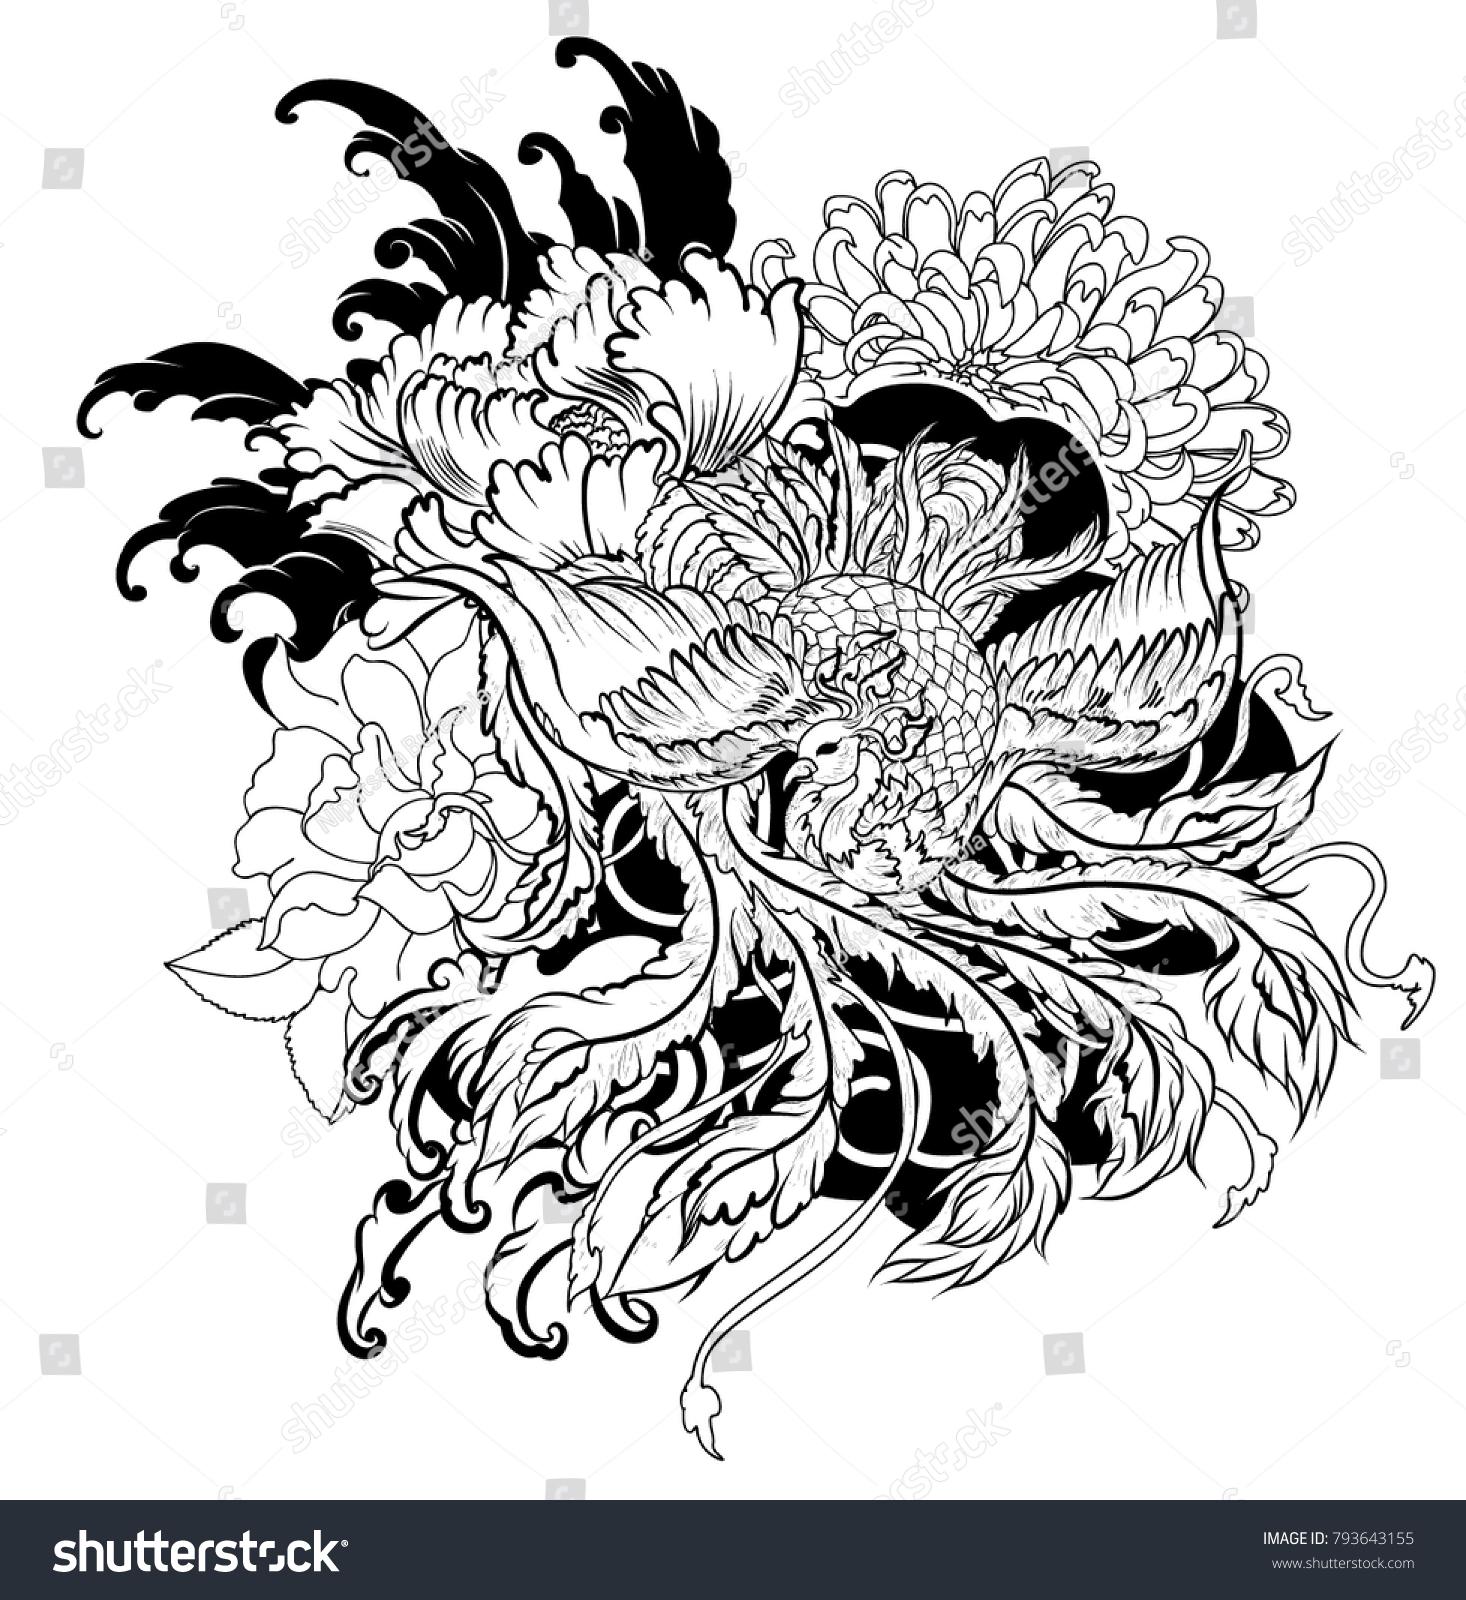 Black White Old Dragon Flower Tattoo Illustration Stock Vector